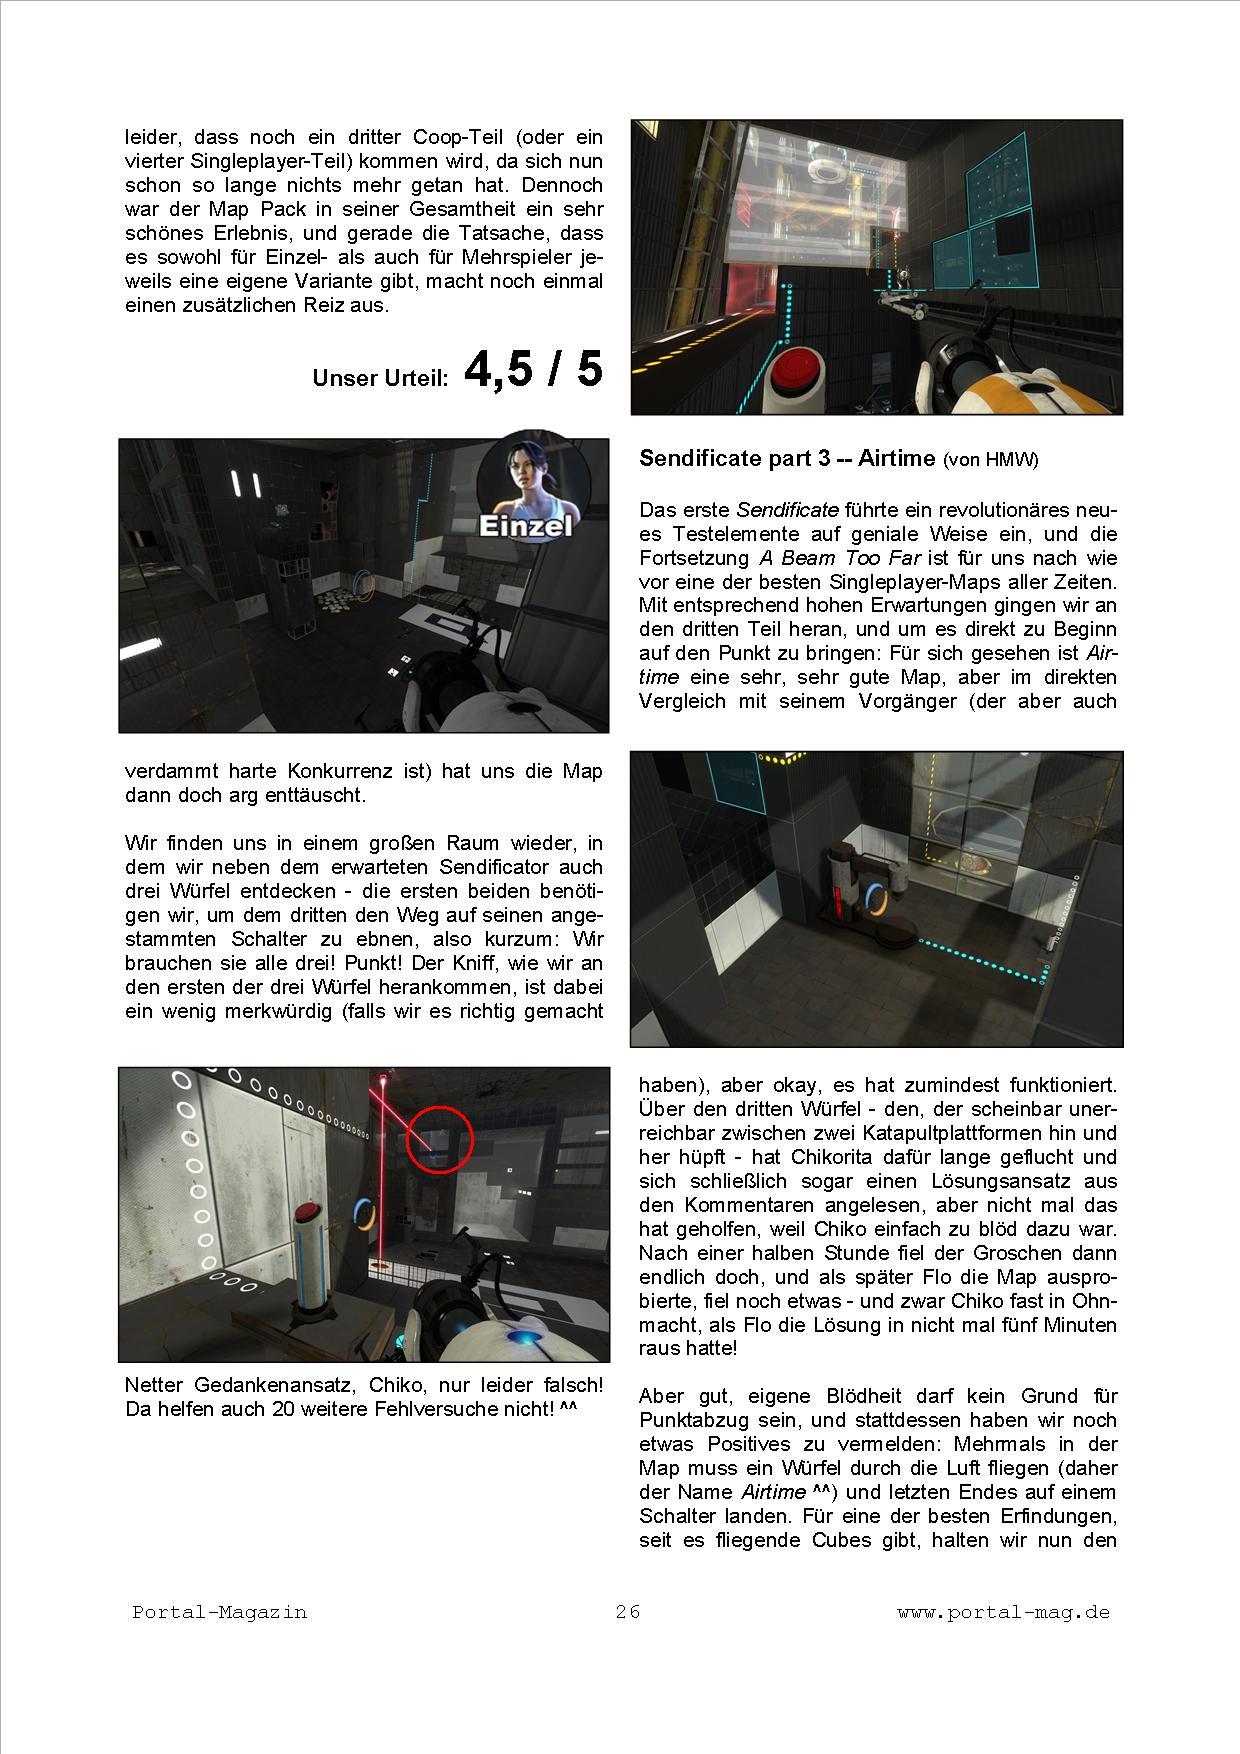 Ausgabe 30, Seite 26